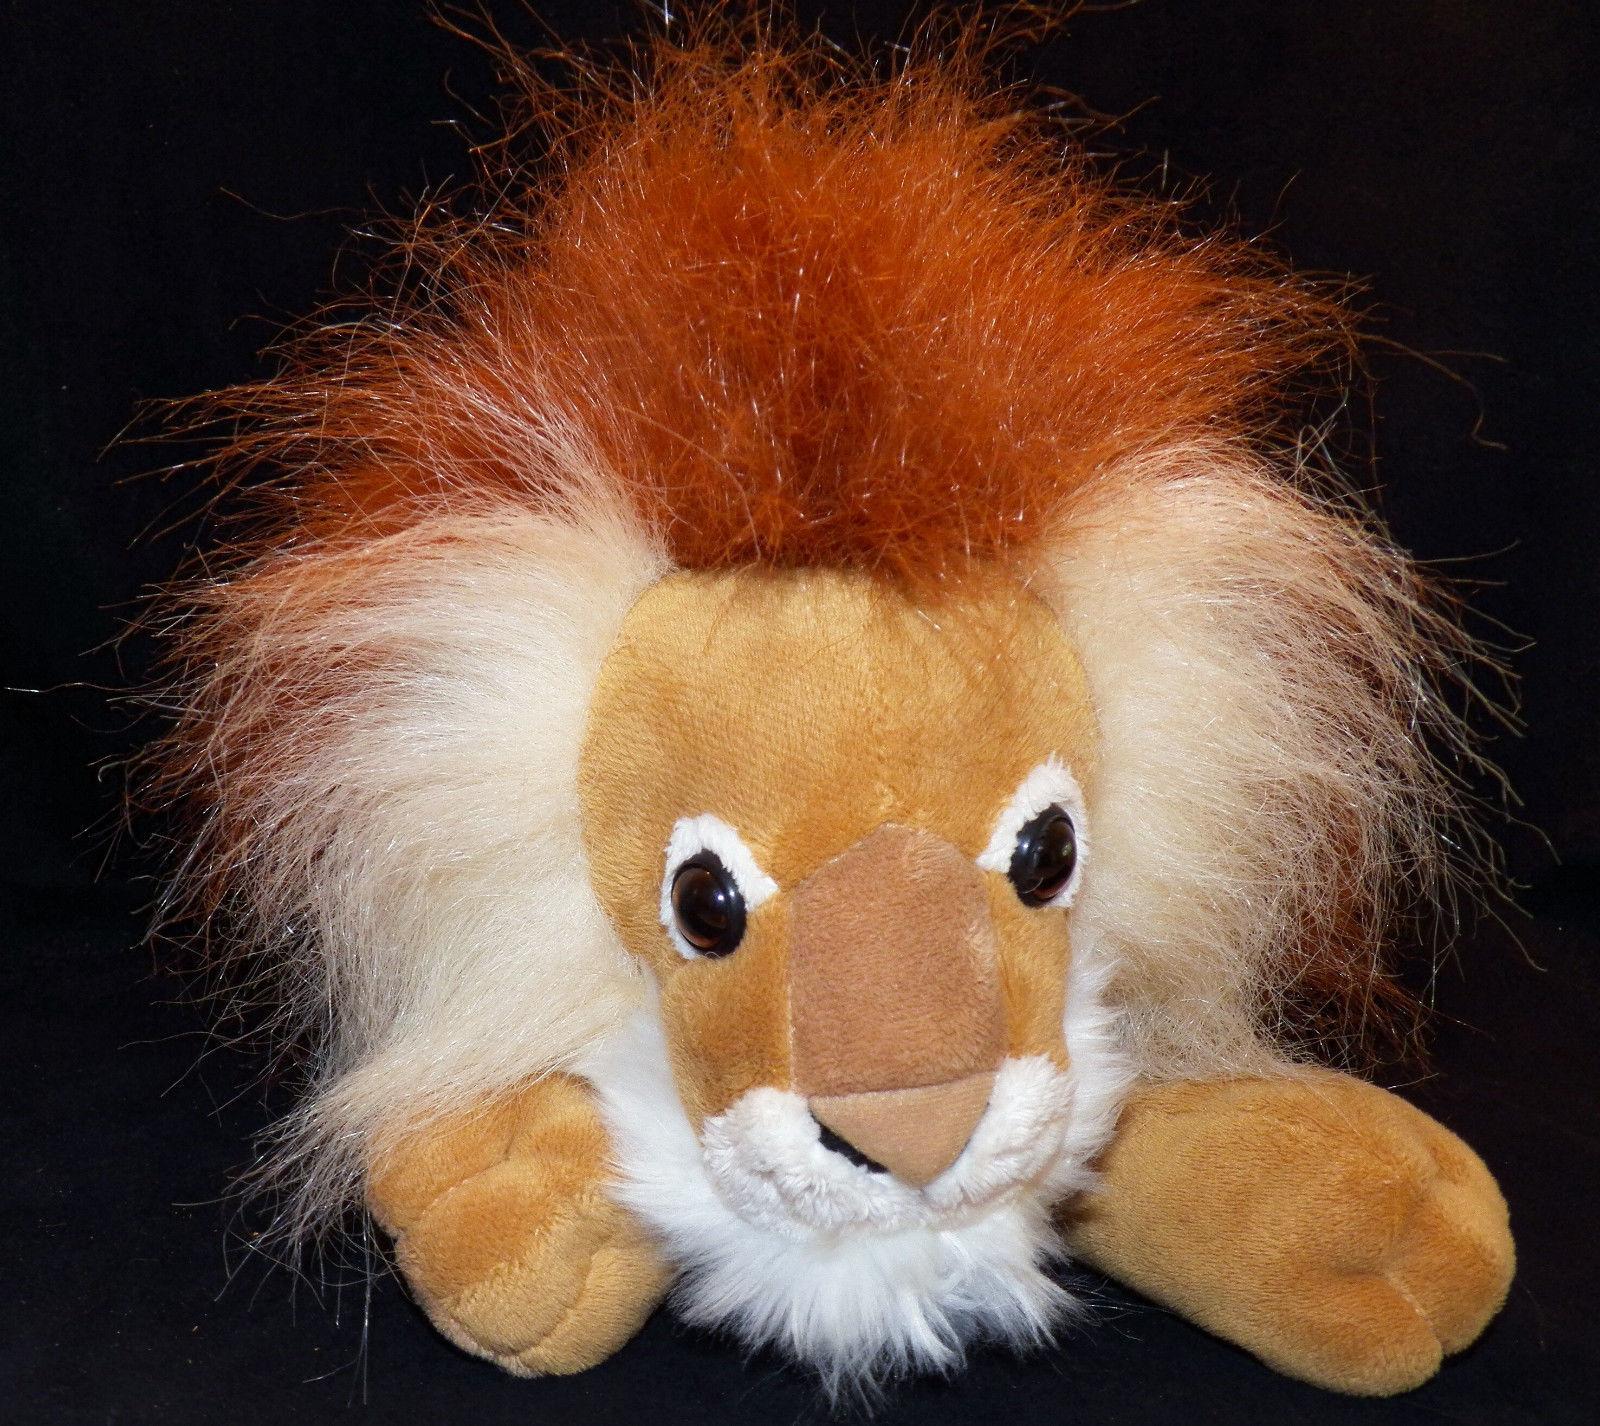 Walt Disney World Parks Exclusive Worldlife Conservation Fund Lion 26 in x 10 in - $19.99